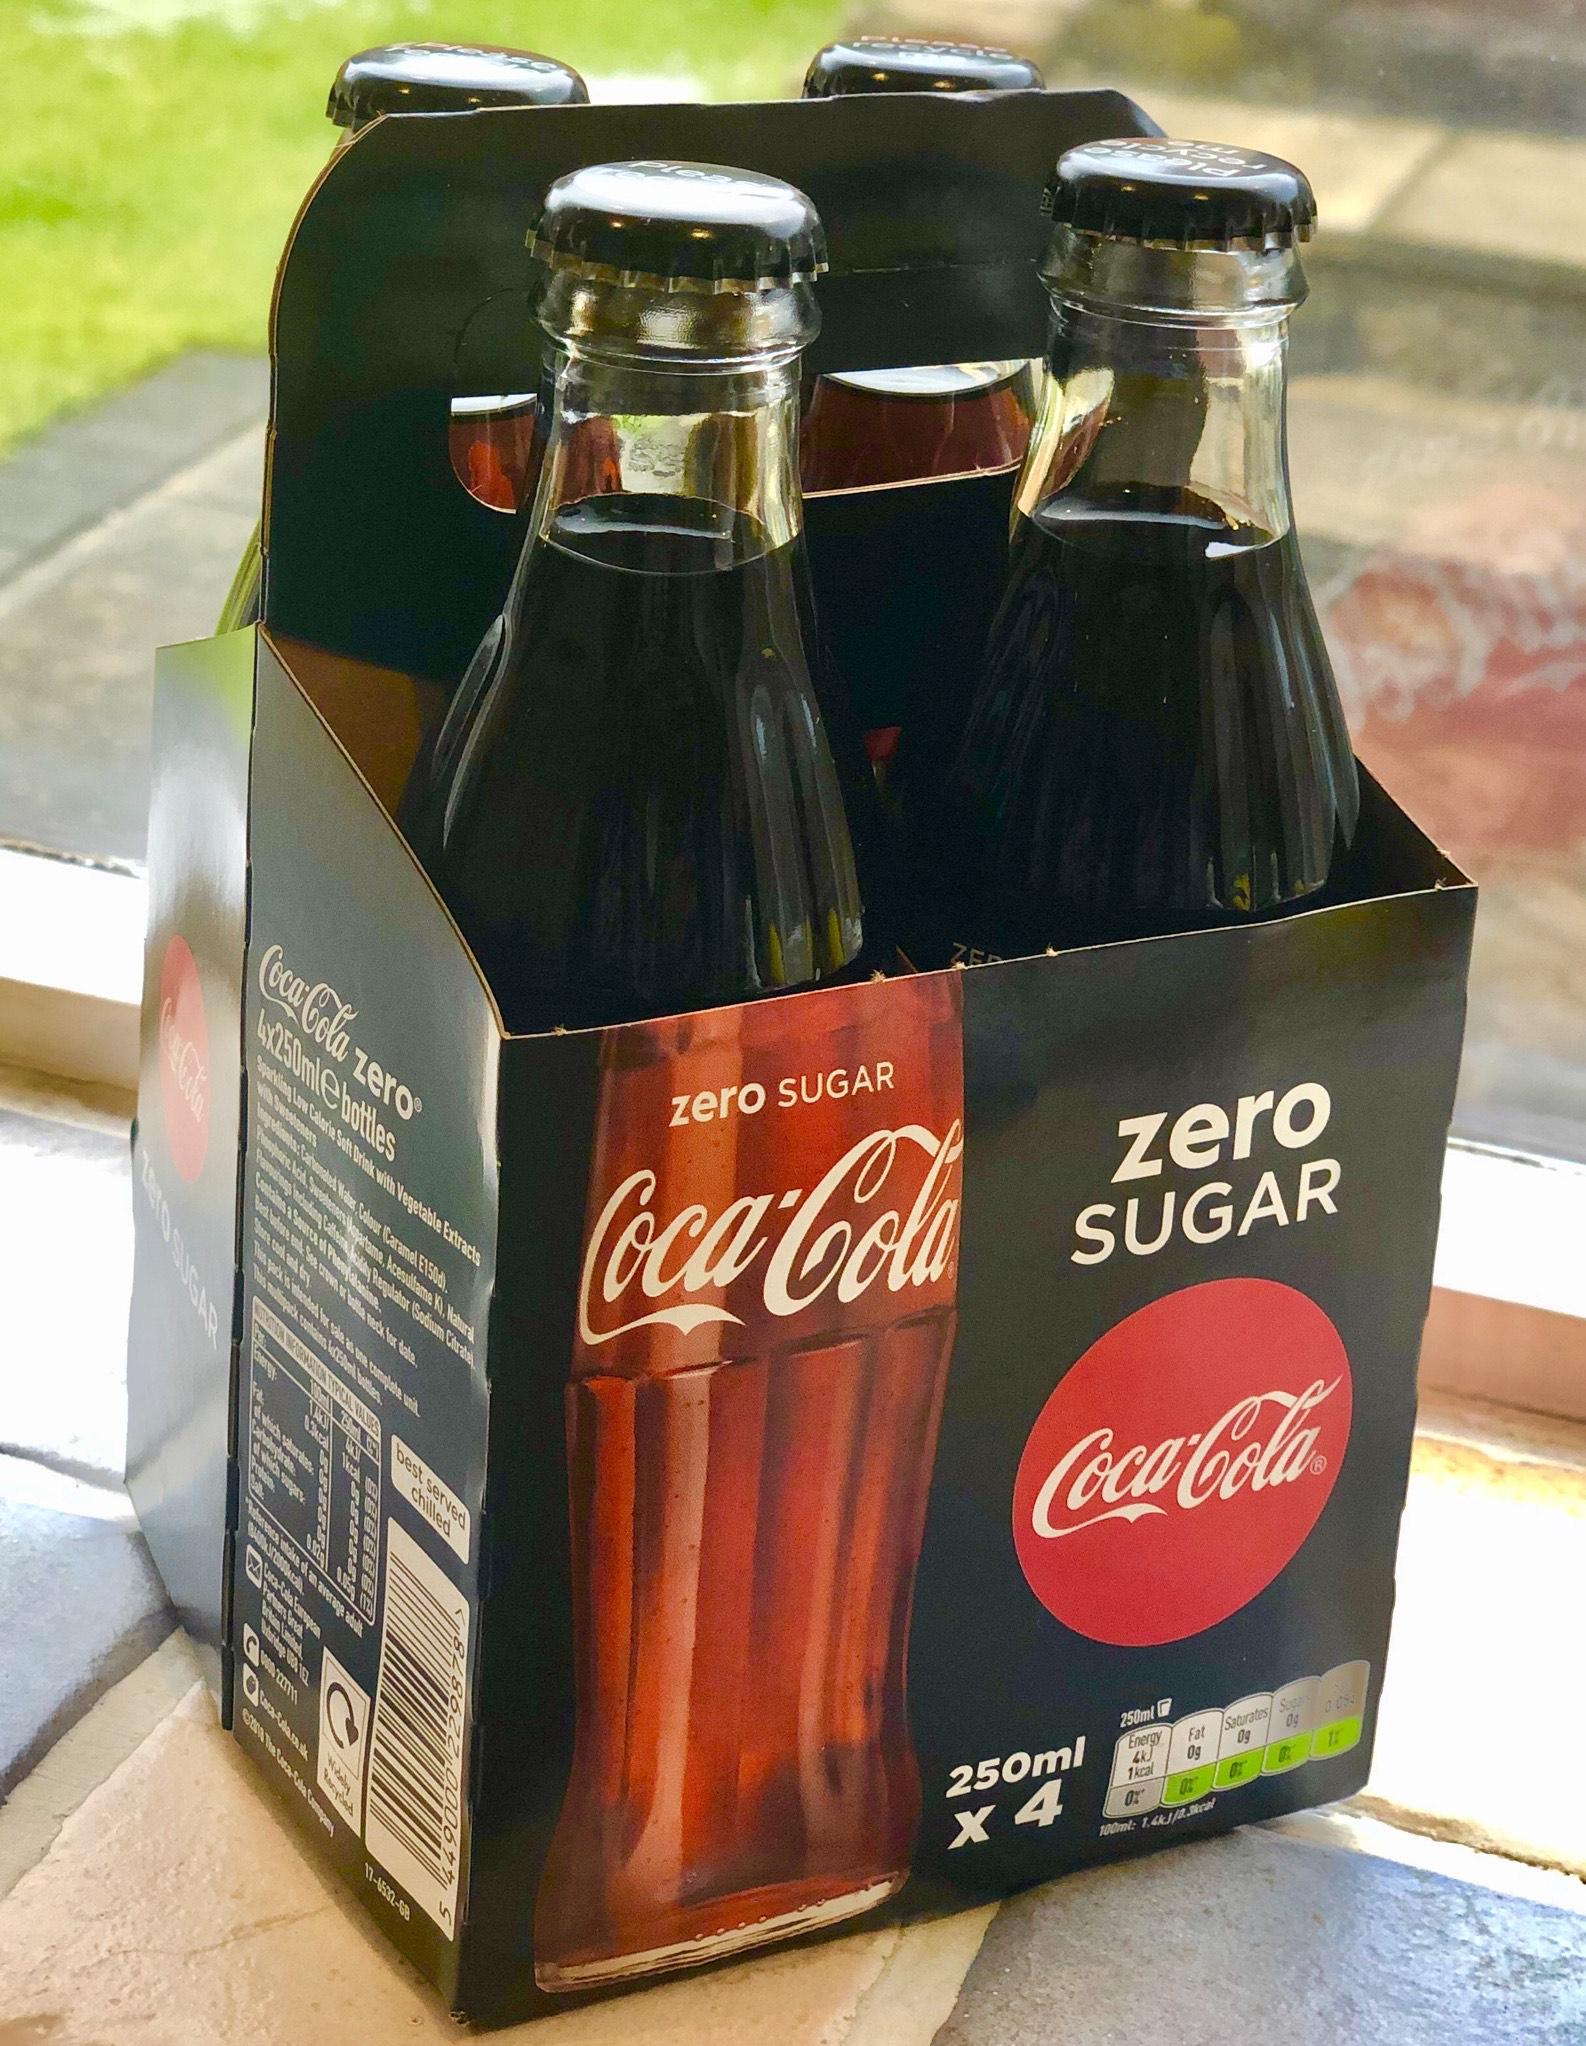 Coca Cola Zero (Coke Zero) 4 glass bottles for £1 at Fulton Foods - Ashton-under-Lyne